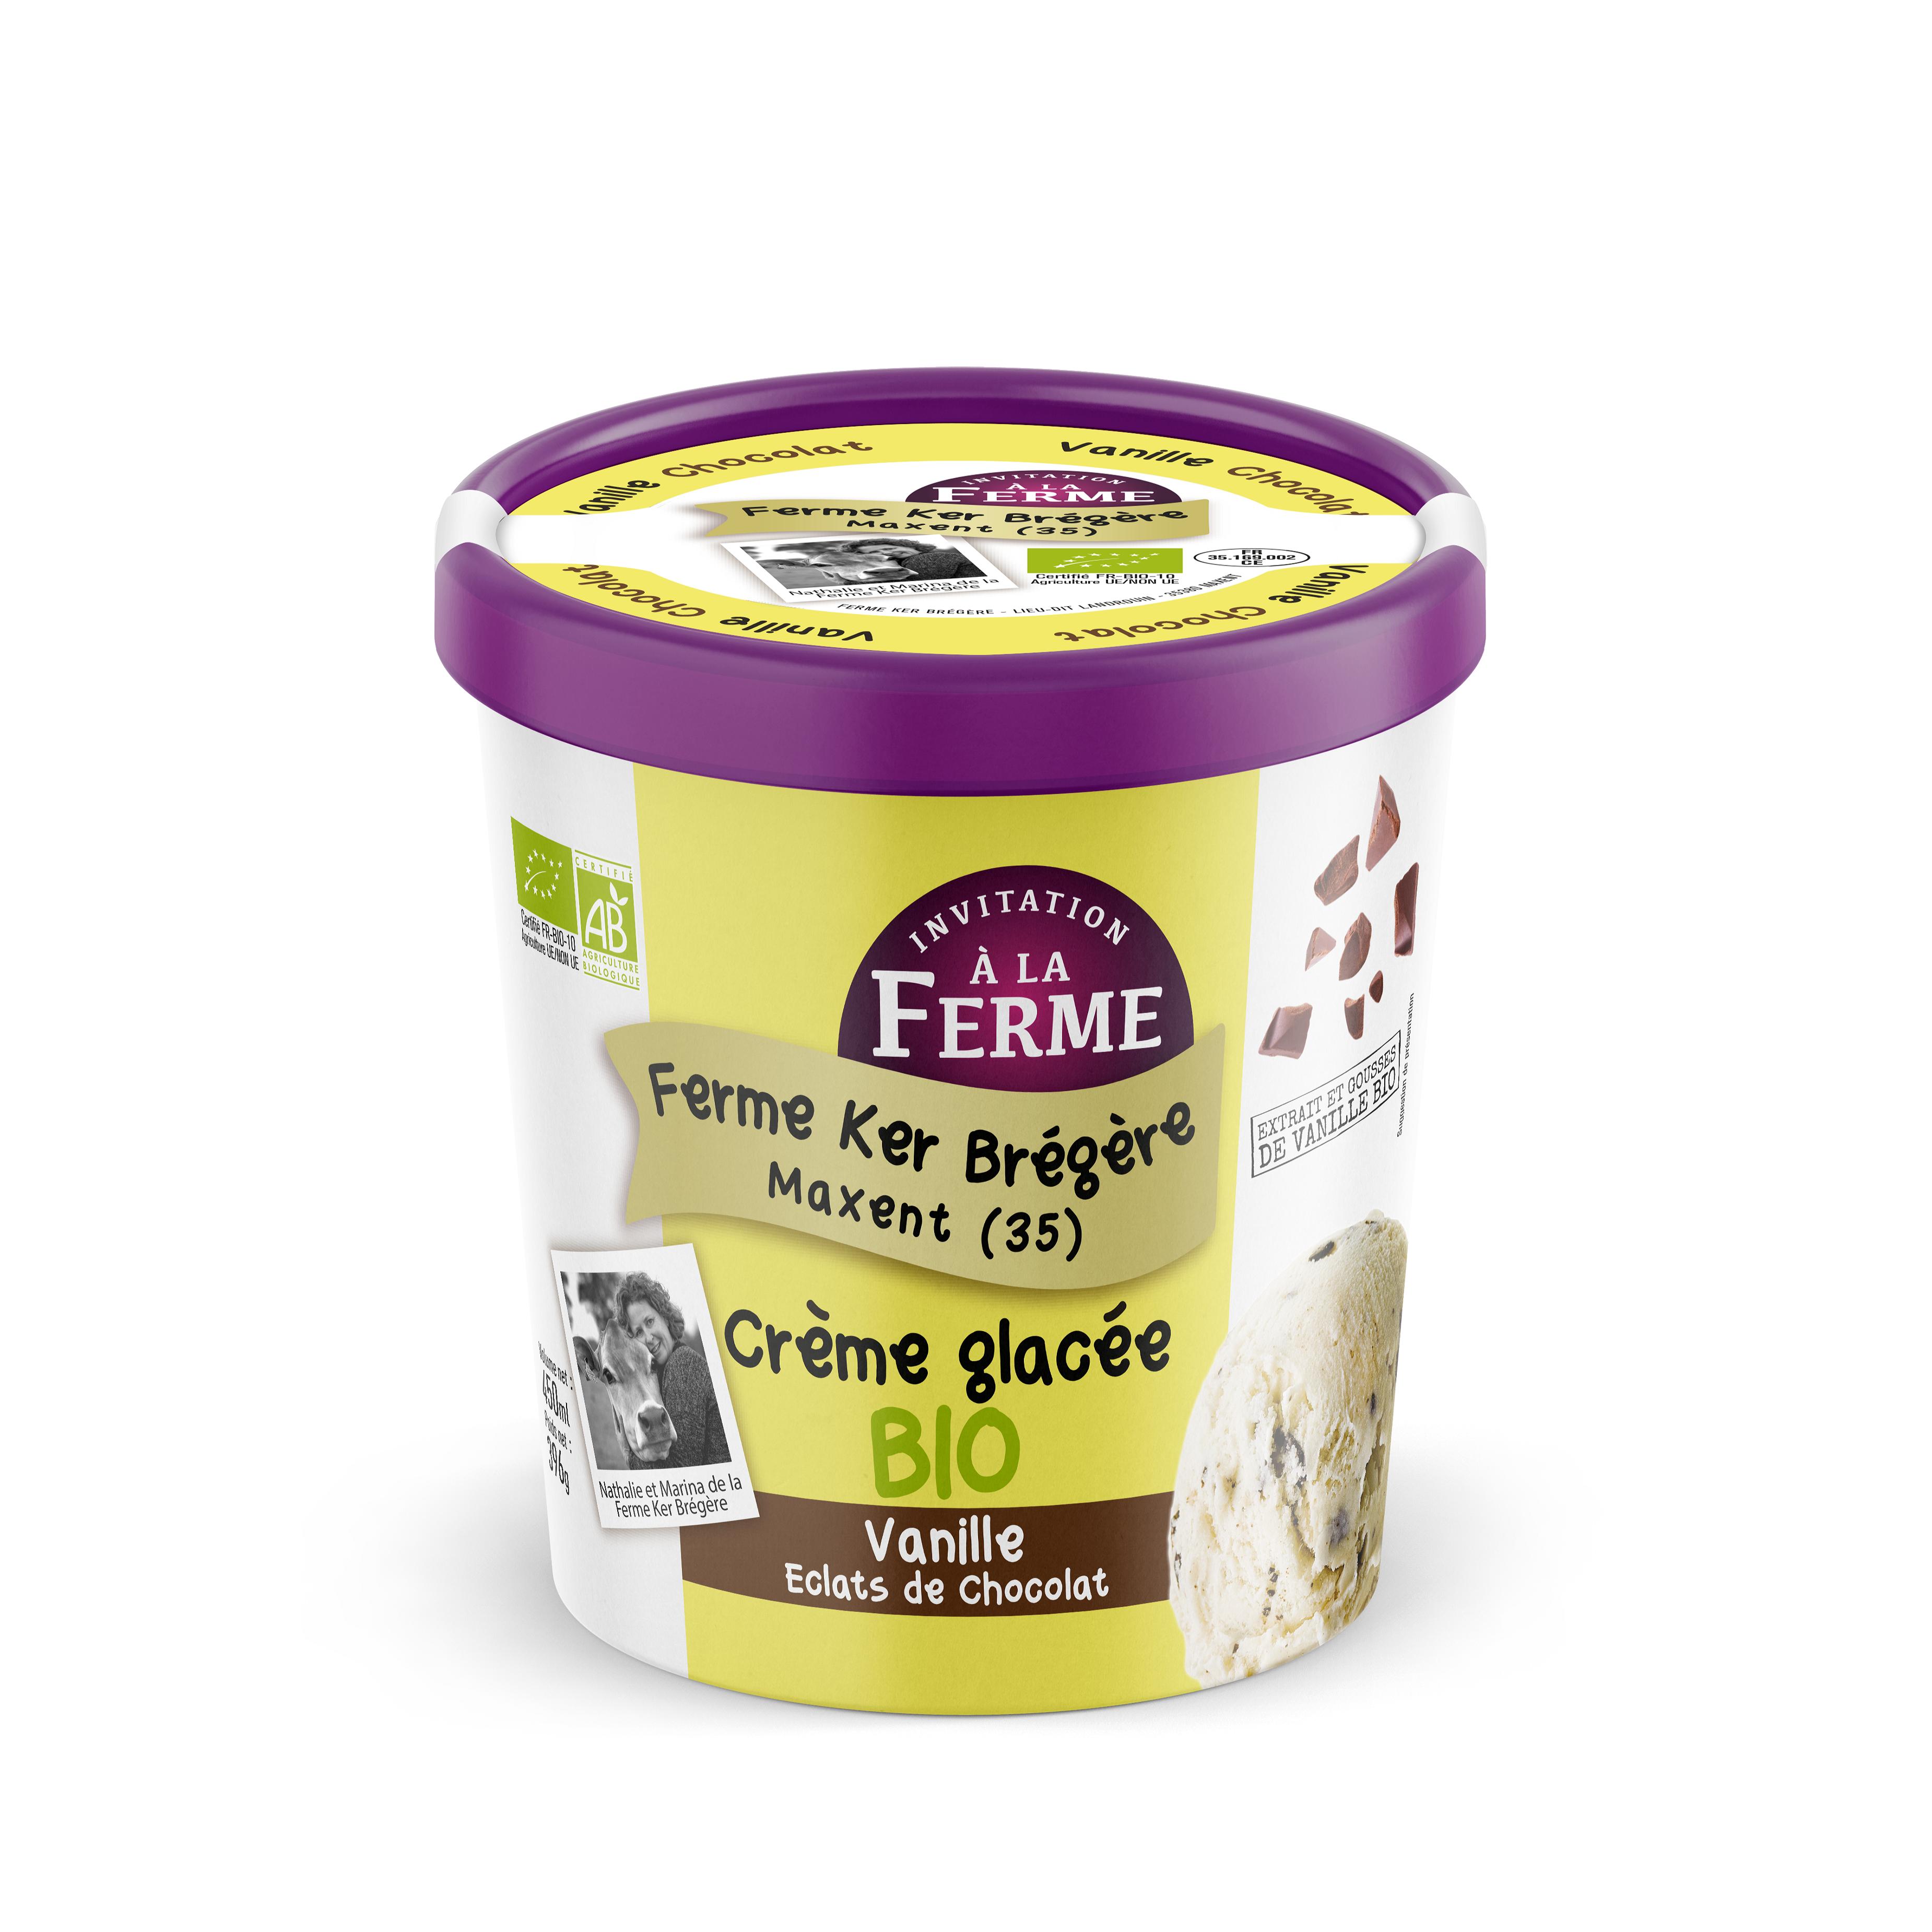 IAF Glace Bio Vanille Eclats de chocolat - Invitation à la Ferme lance des crèmes glacées